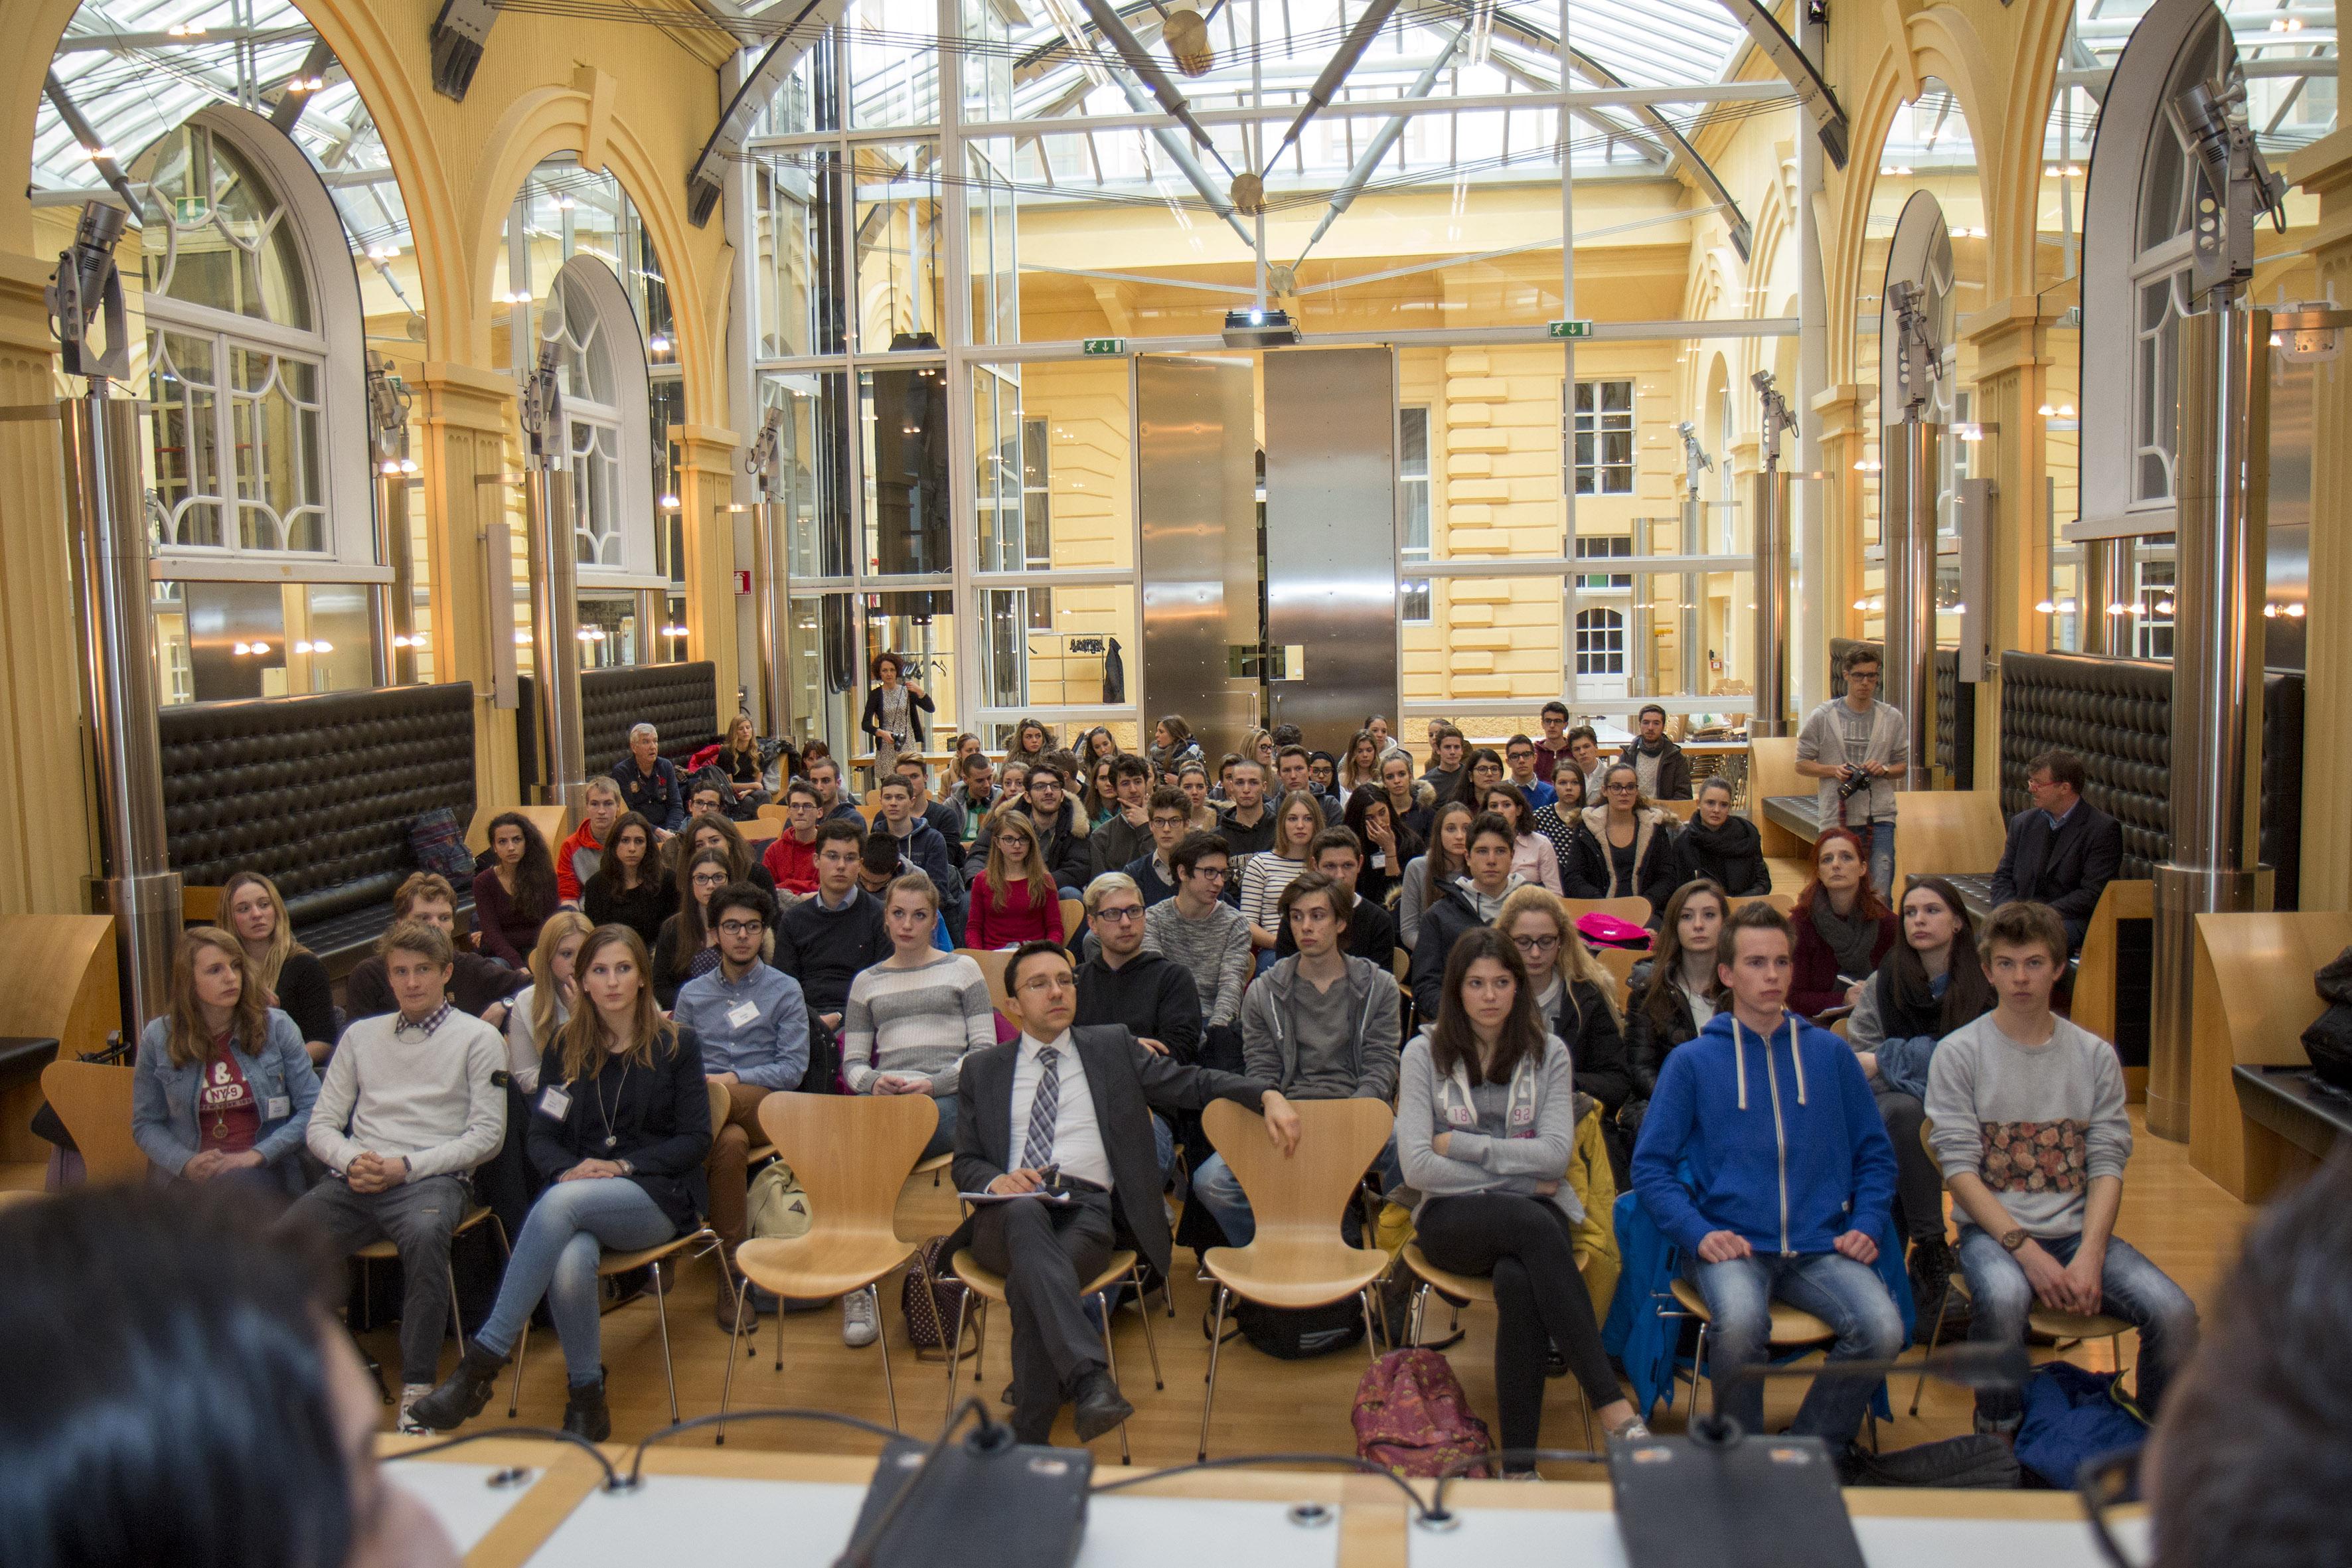 Le idee del parlamento studentesco europeo a palazzo widmann for Votazioni parlamento oggi